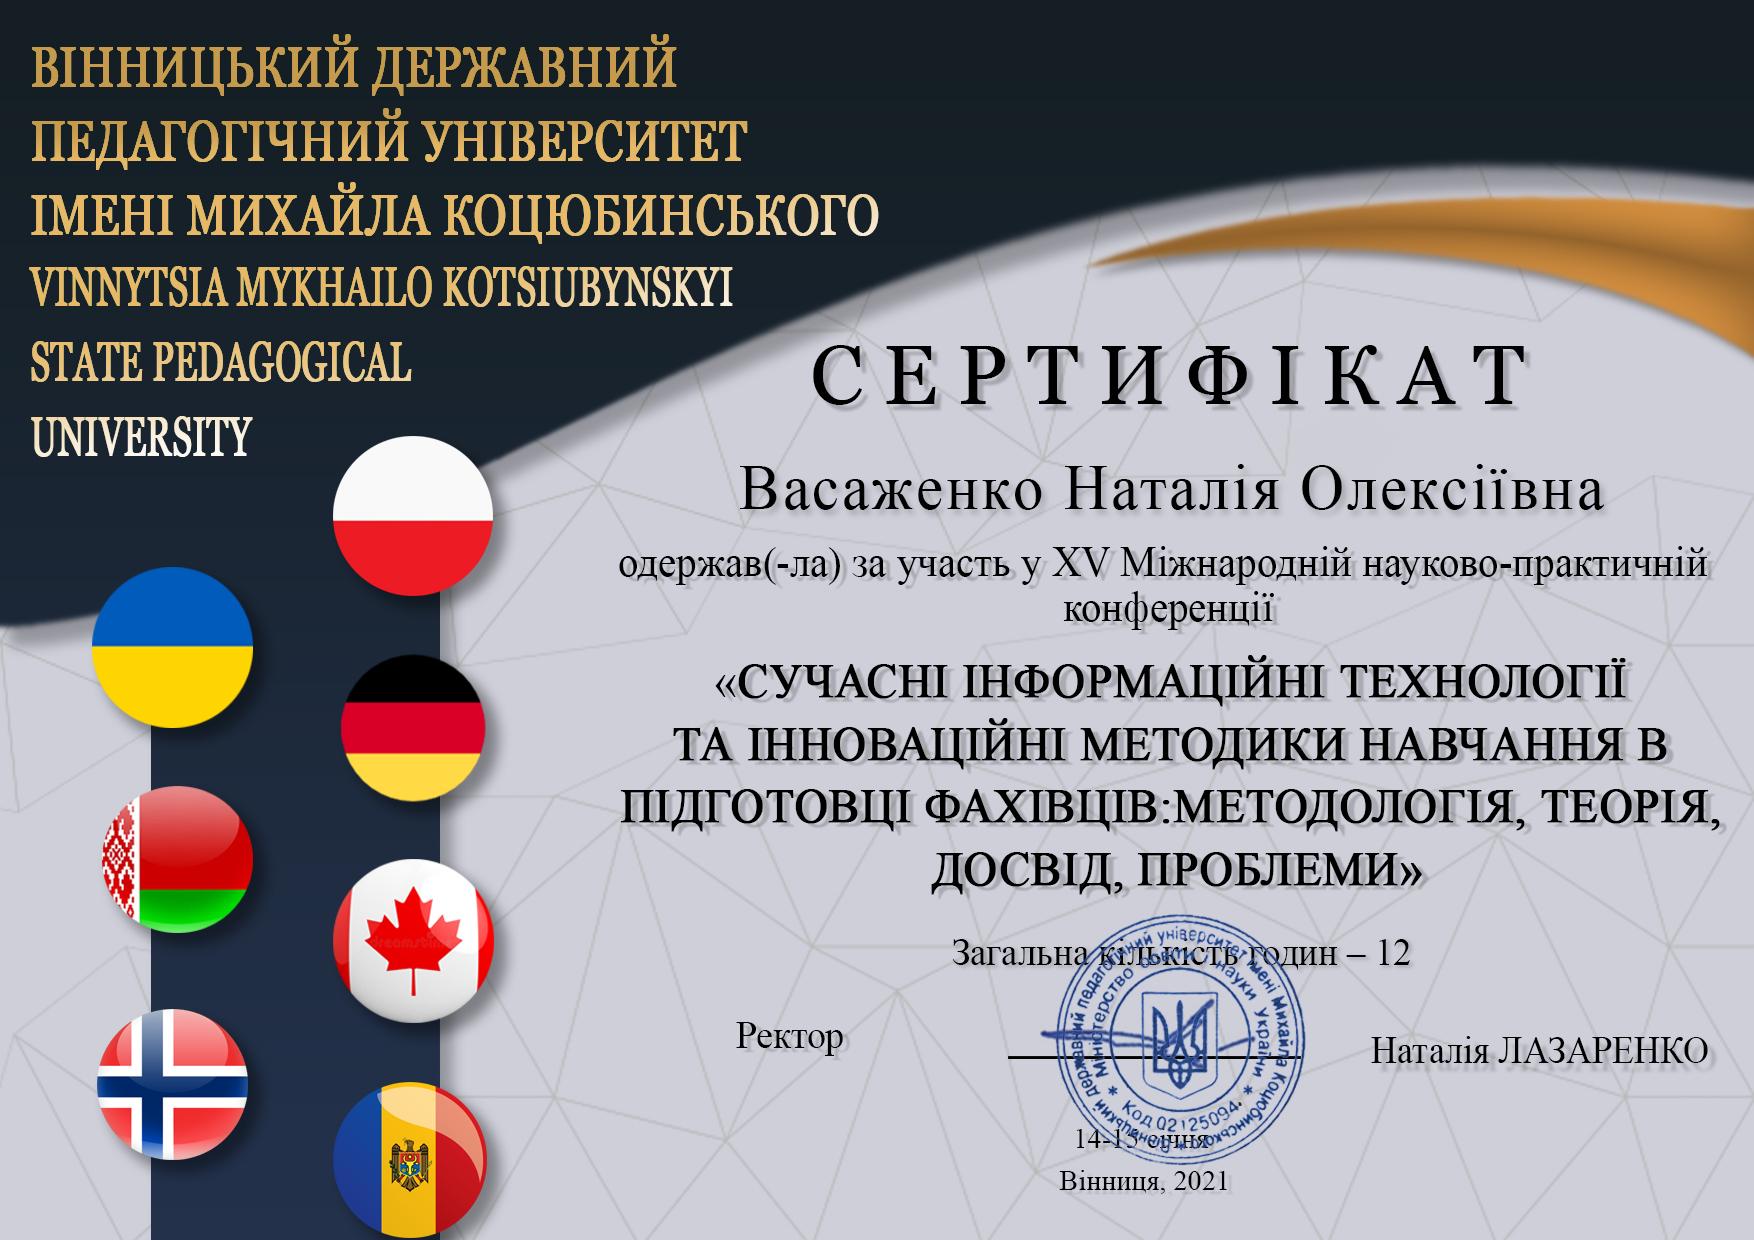 Васаженко Наталія Олексіївна